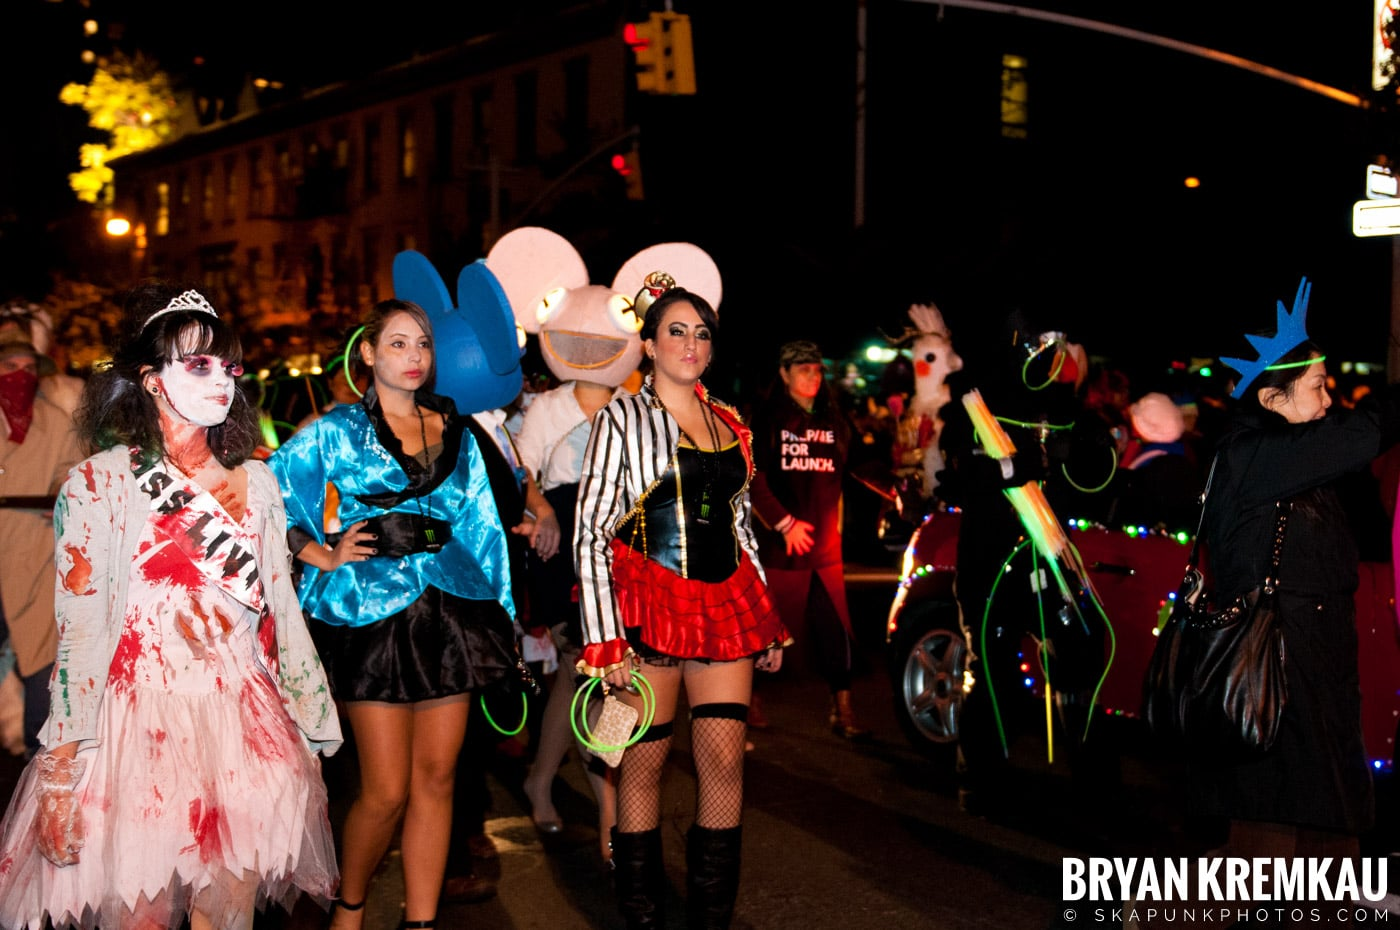 NYC Halloween Parade 2011 @ New York, NY - 10.31.11 (22)